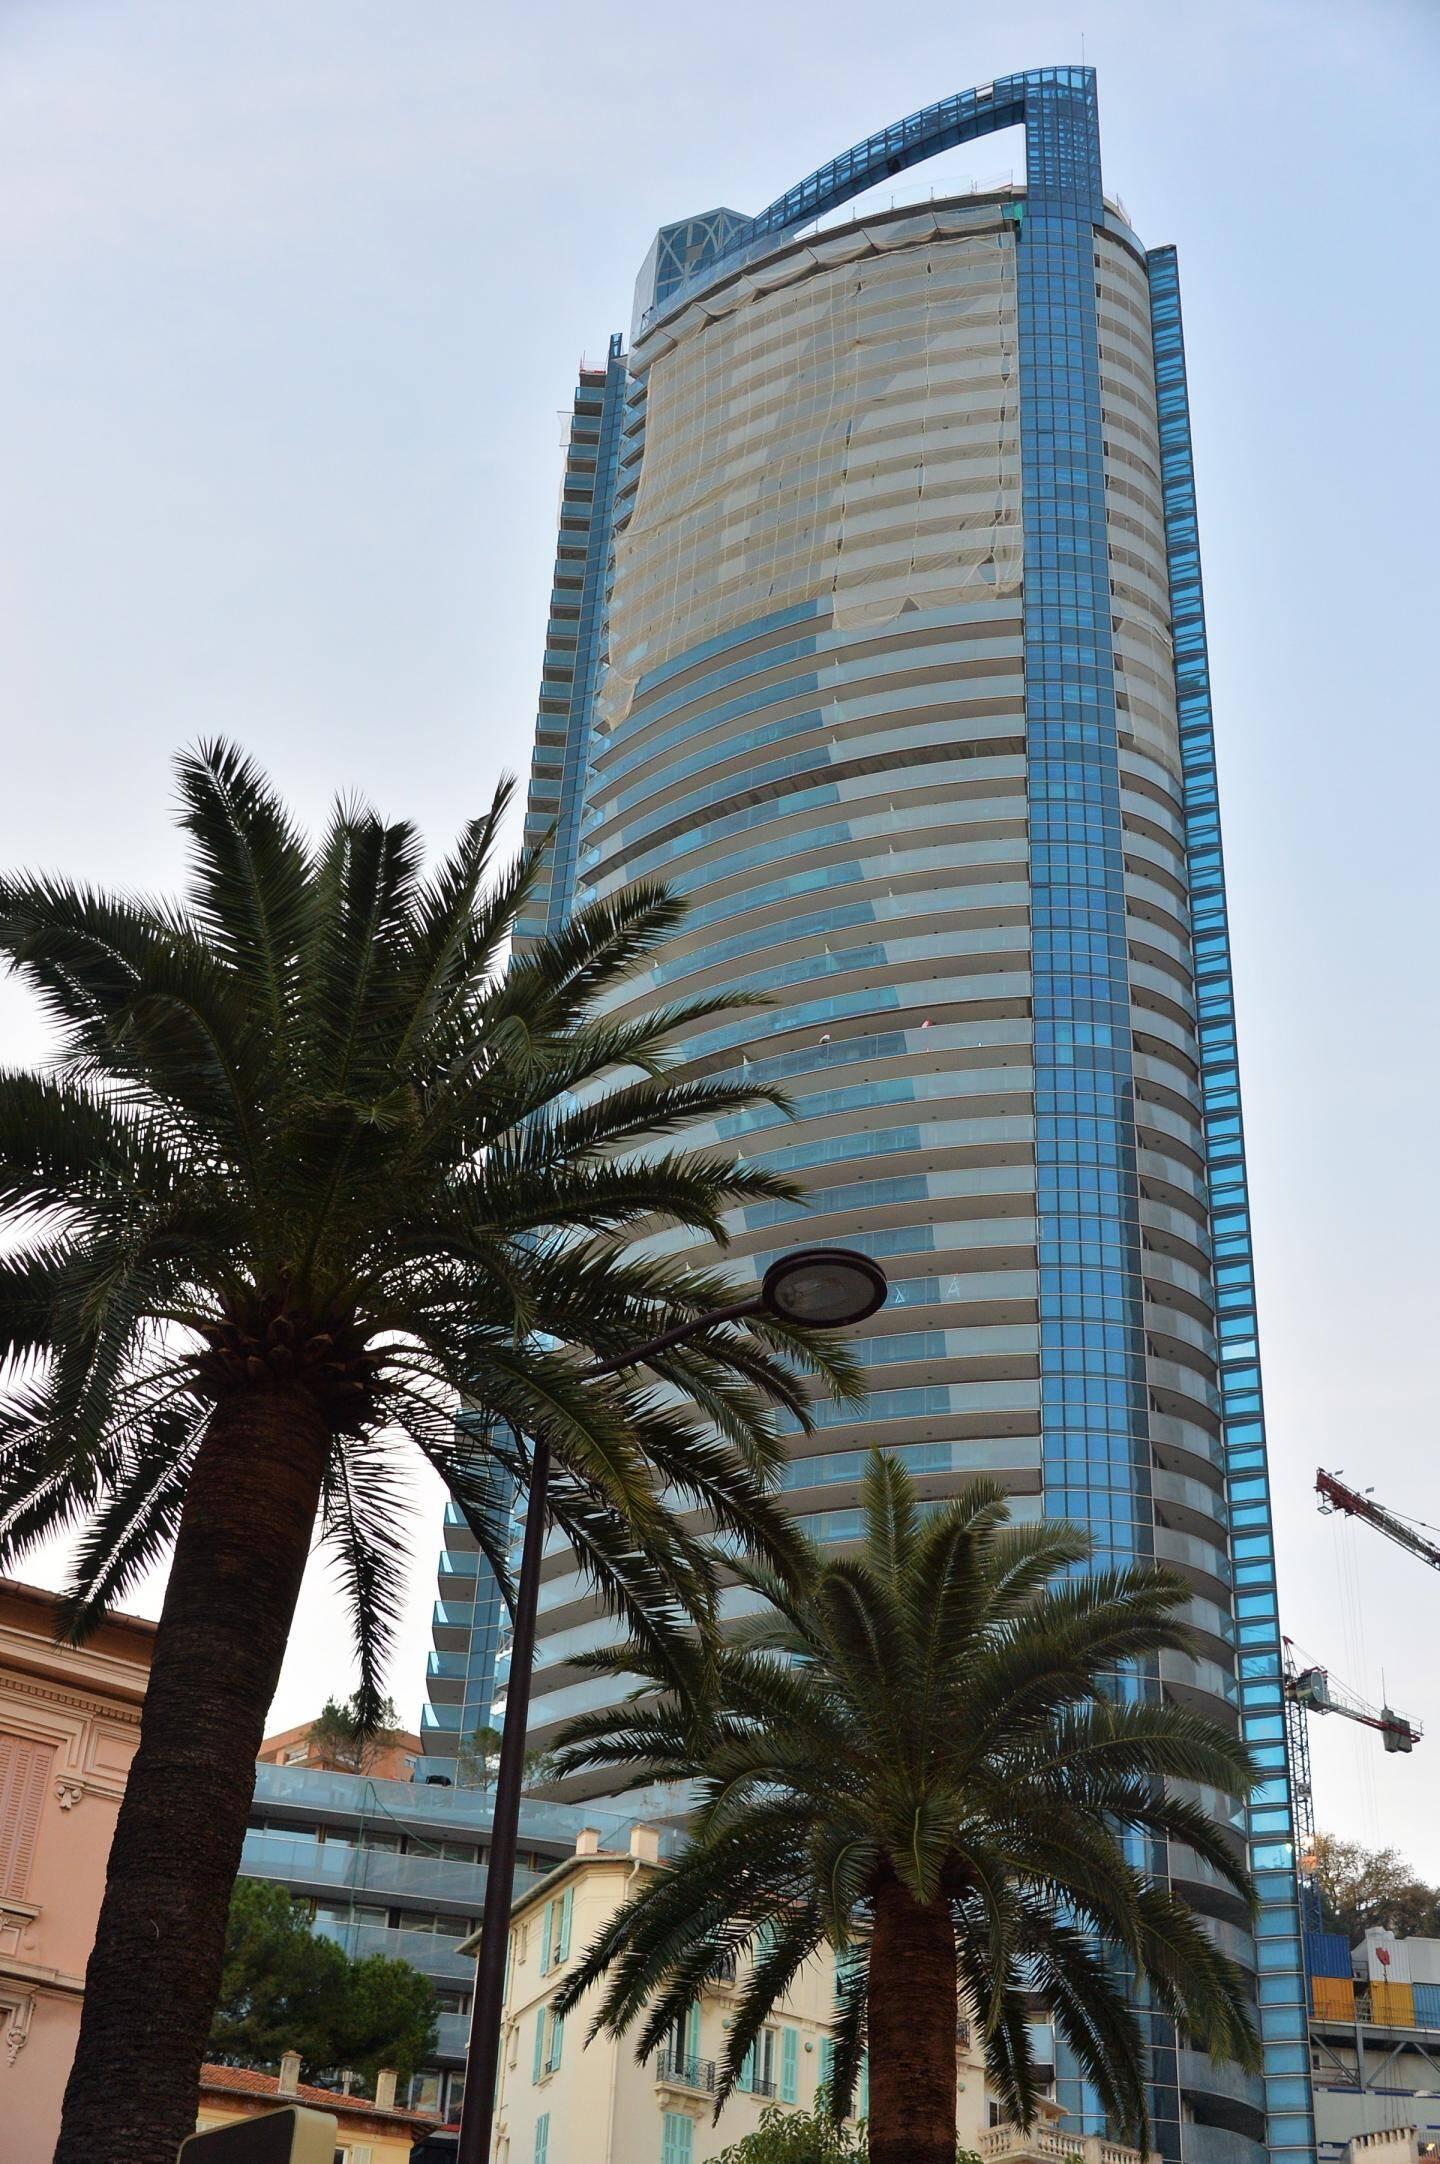 Les 150 appartements domaniaux de la tour Odéon, destinés aux Monégasques, et les 17 bureaux seront livrés ce jeudi 30 avril au service des Domaines. Les premiers locataires poseront leurs valises début juin.